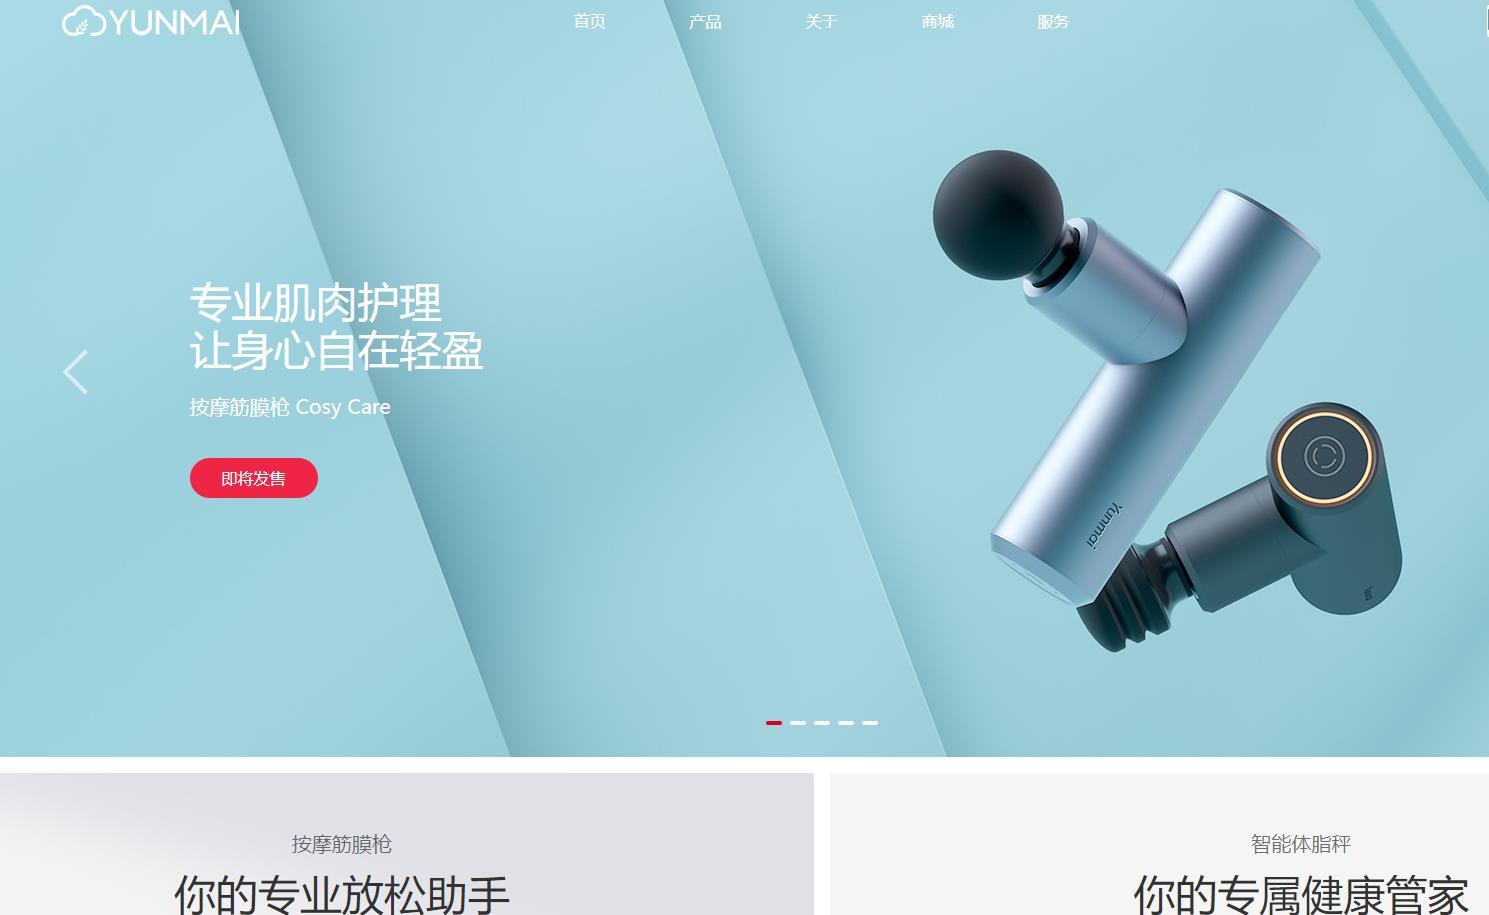 云麦科技(YUNMAI)官网 云麦科技官方旗舰店